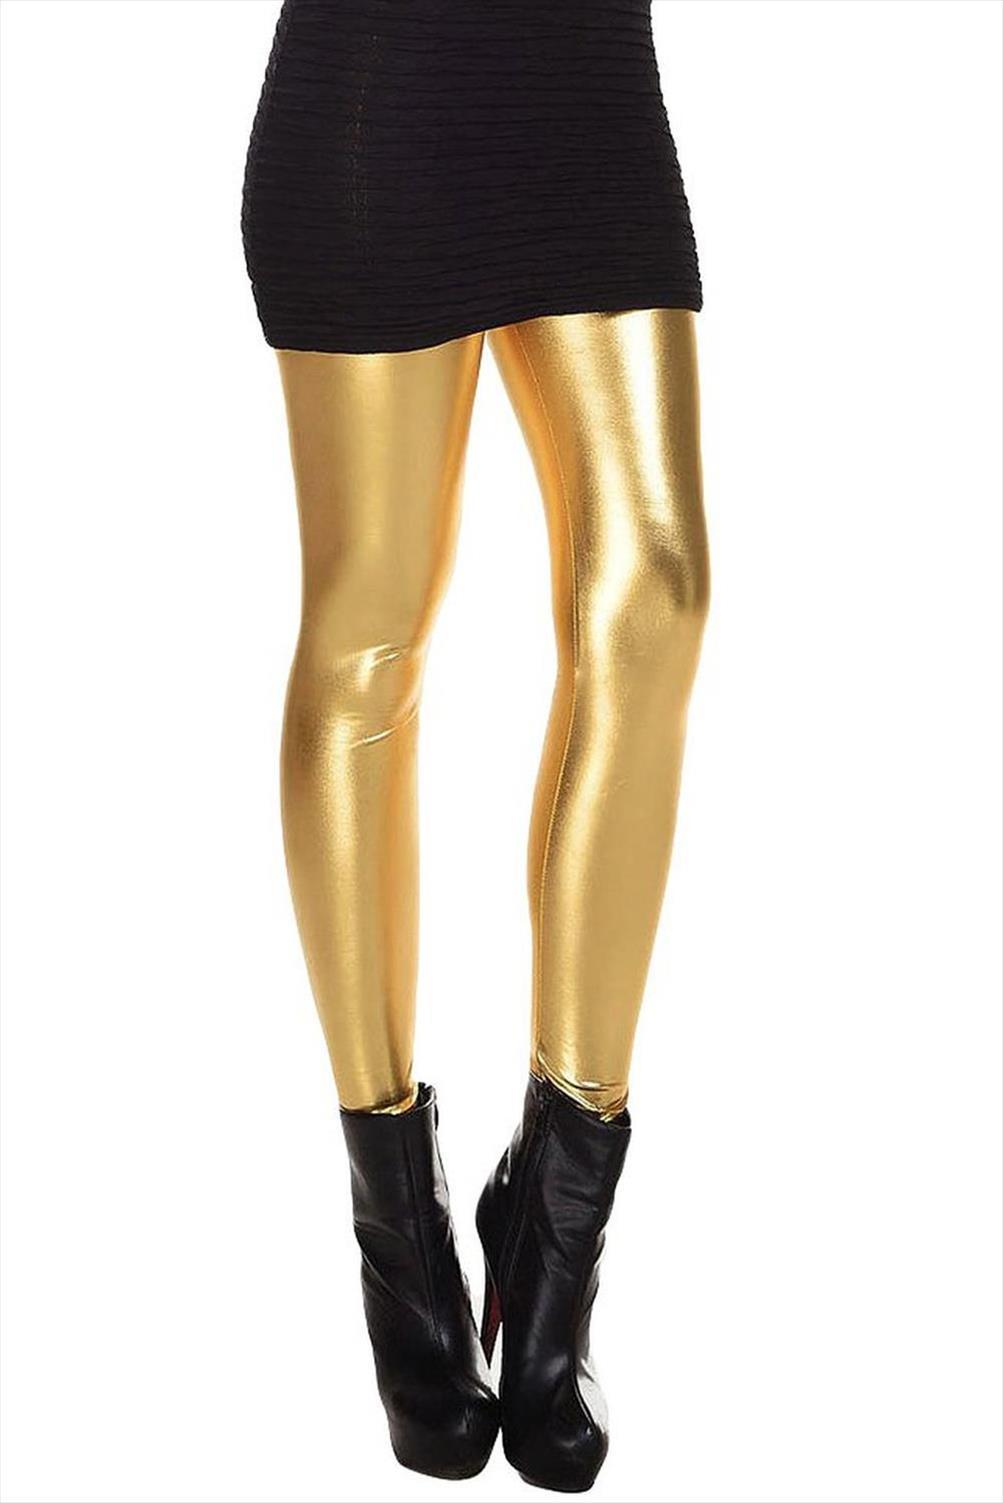 Womens tozluklar Metalik Islak bak Sıvı Tozluklar Parlak Stretch Kadınlar Kalem Pantolon altın Drop Shipping İyi Kalite